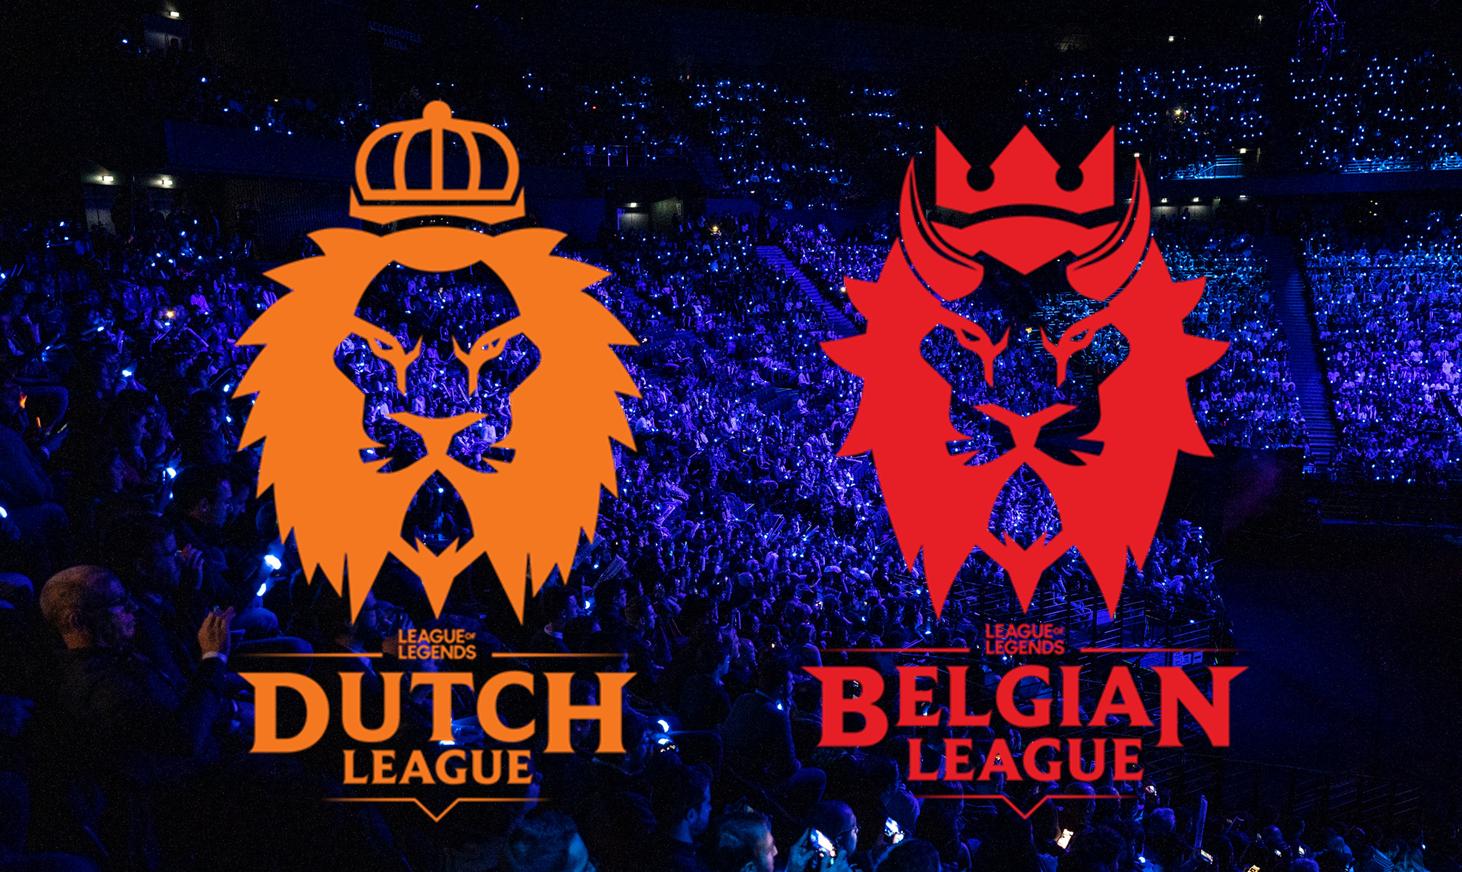 Riot Announces Separate Leagues For Dutch And Belgian League